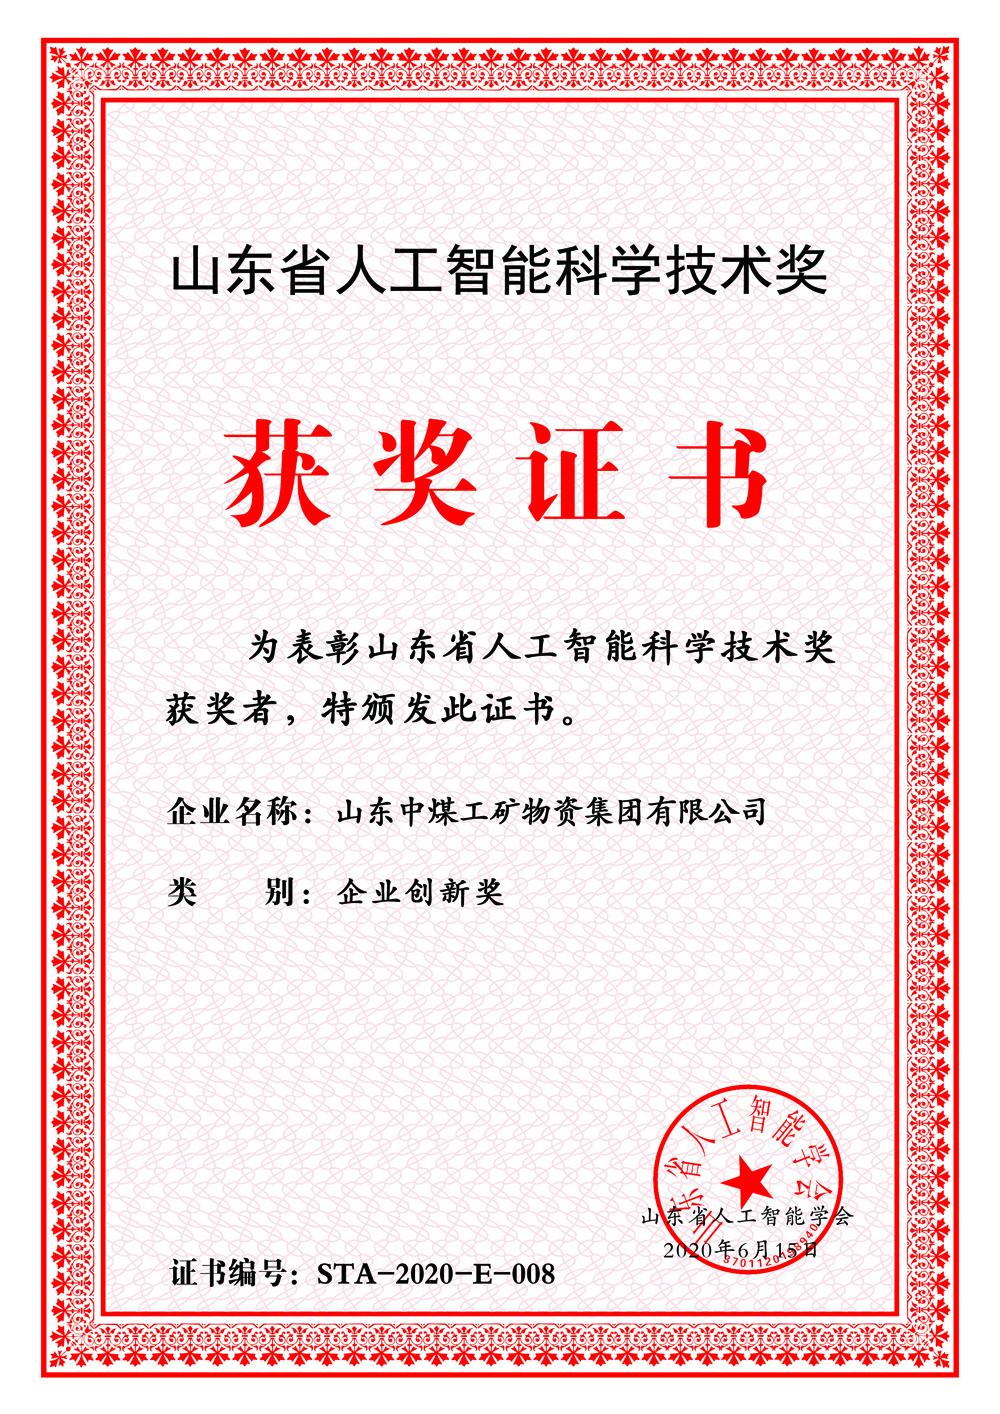 热烈祝贺中煤集团荣获山东省人工智能科学技术奖